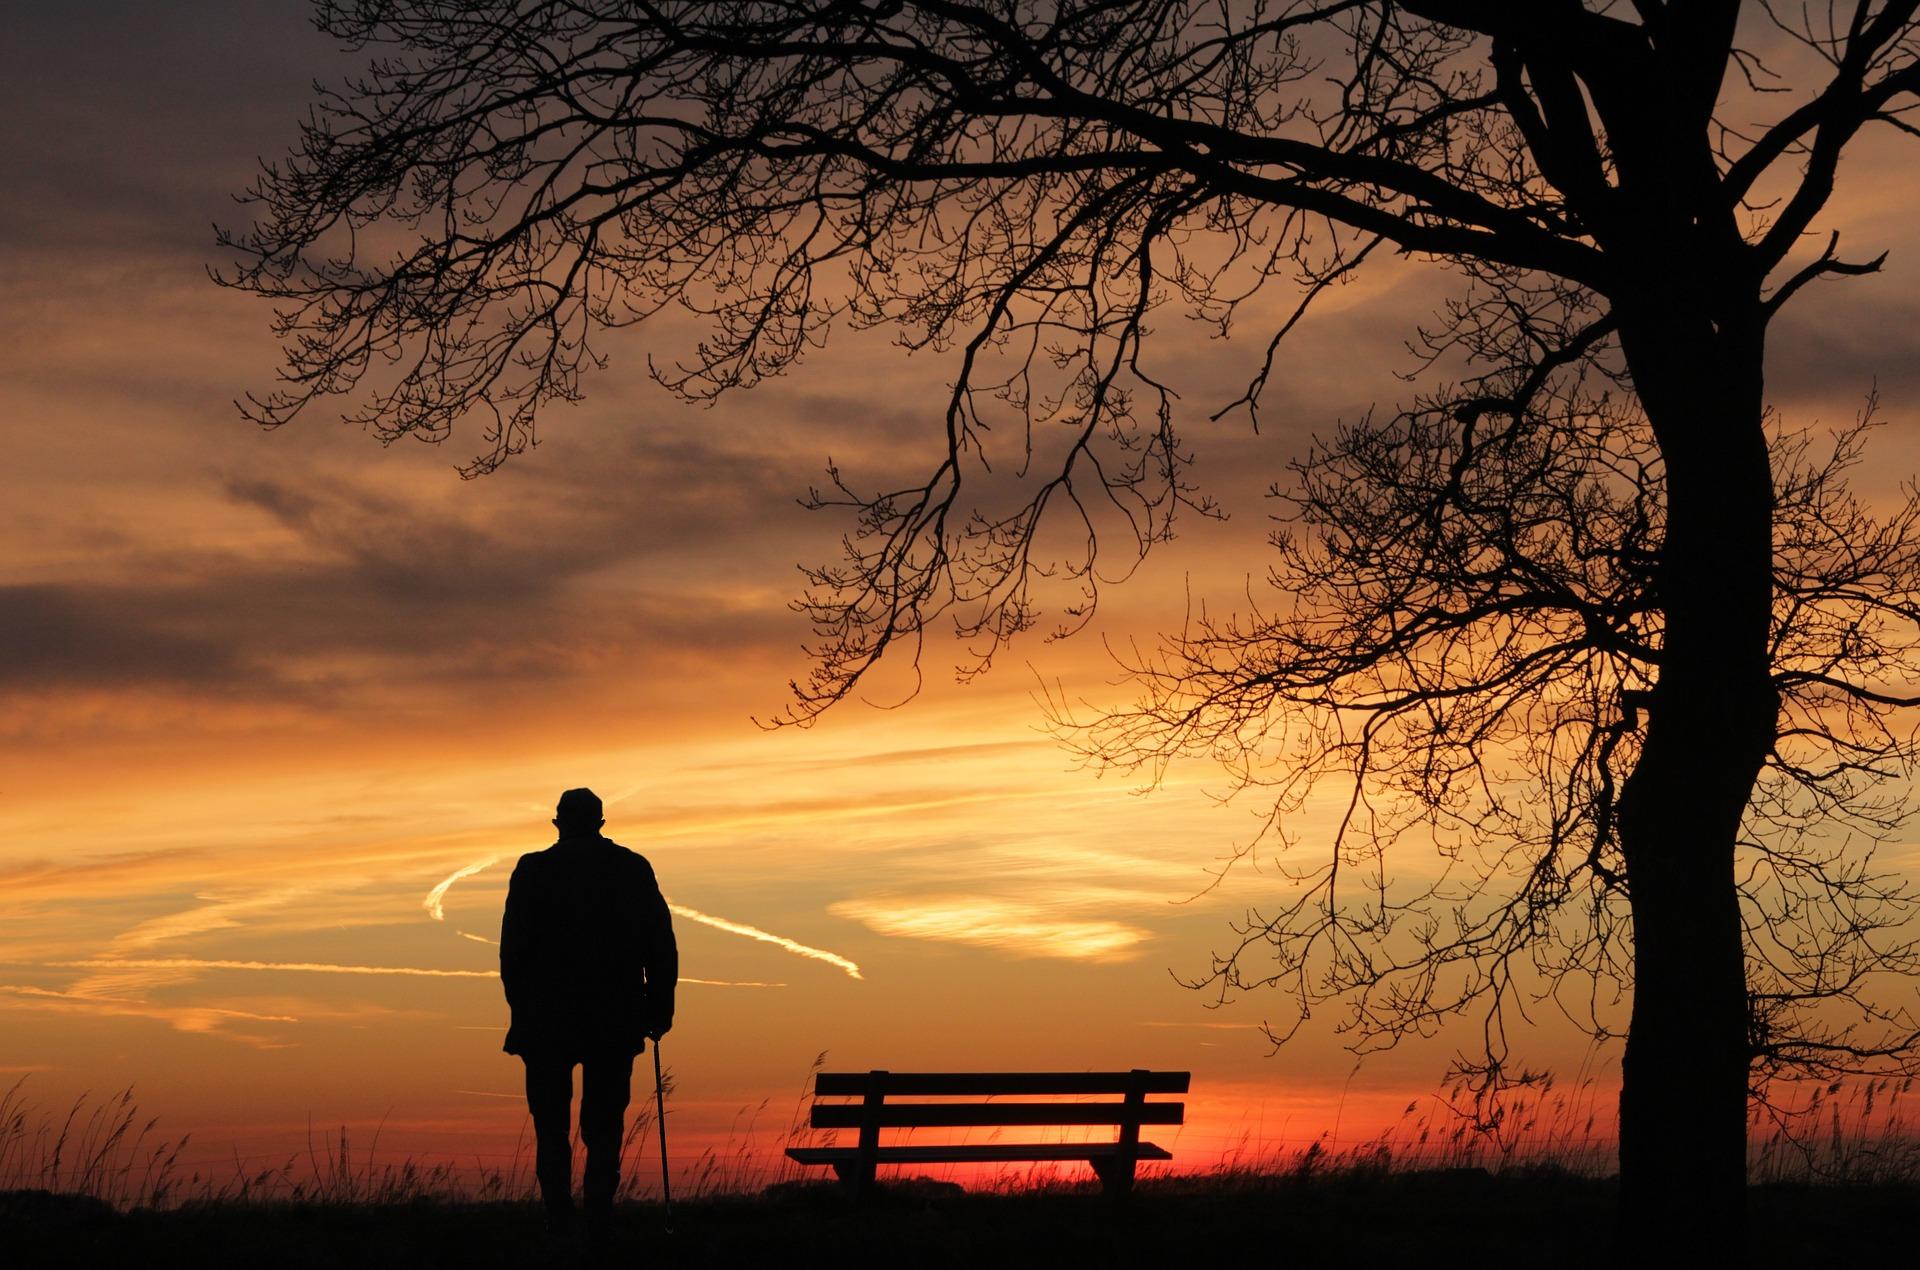 シニアの幸せとは何かを考えさせられたある老人の悲痛な叫び